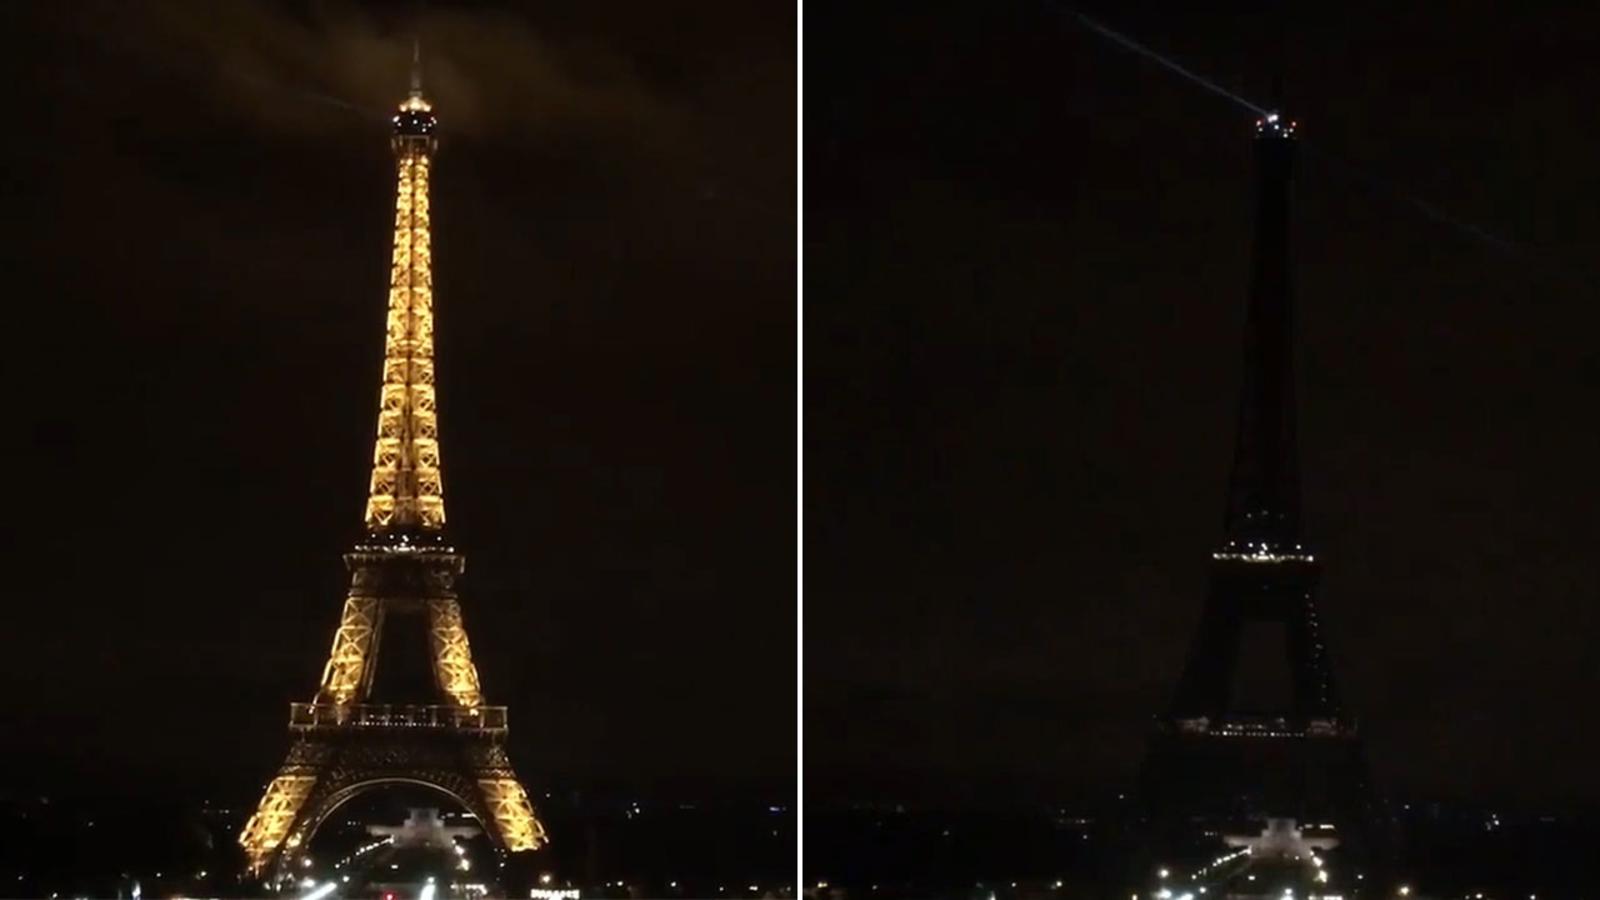 World landmarks go dark, light up in tribute to Spain